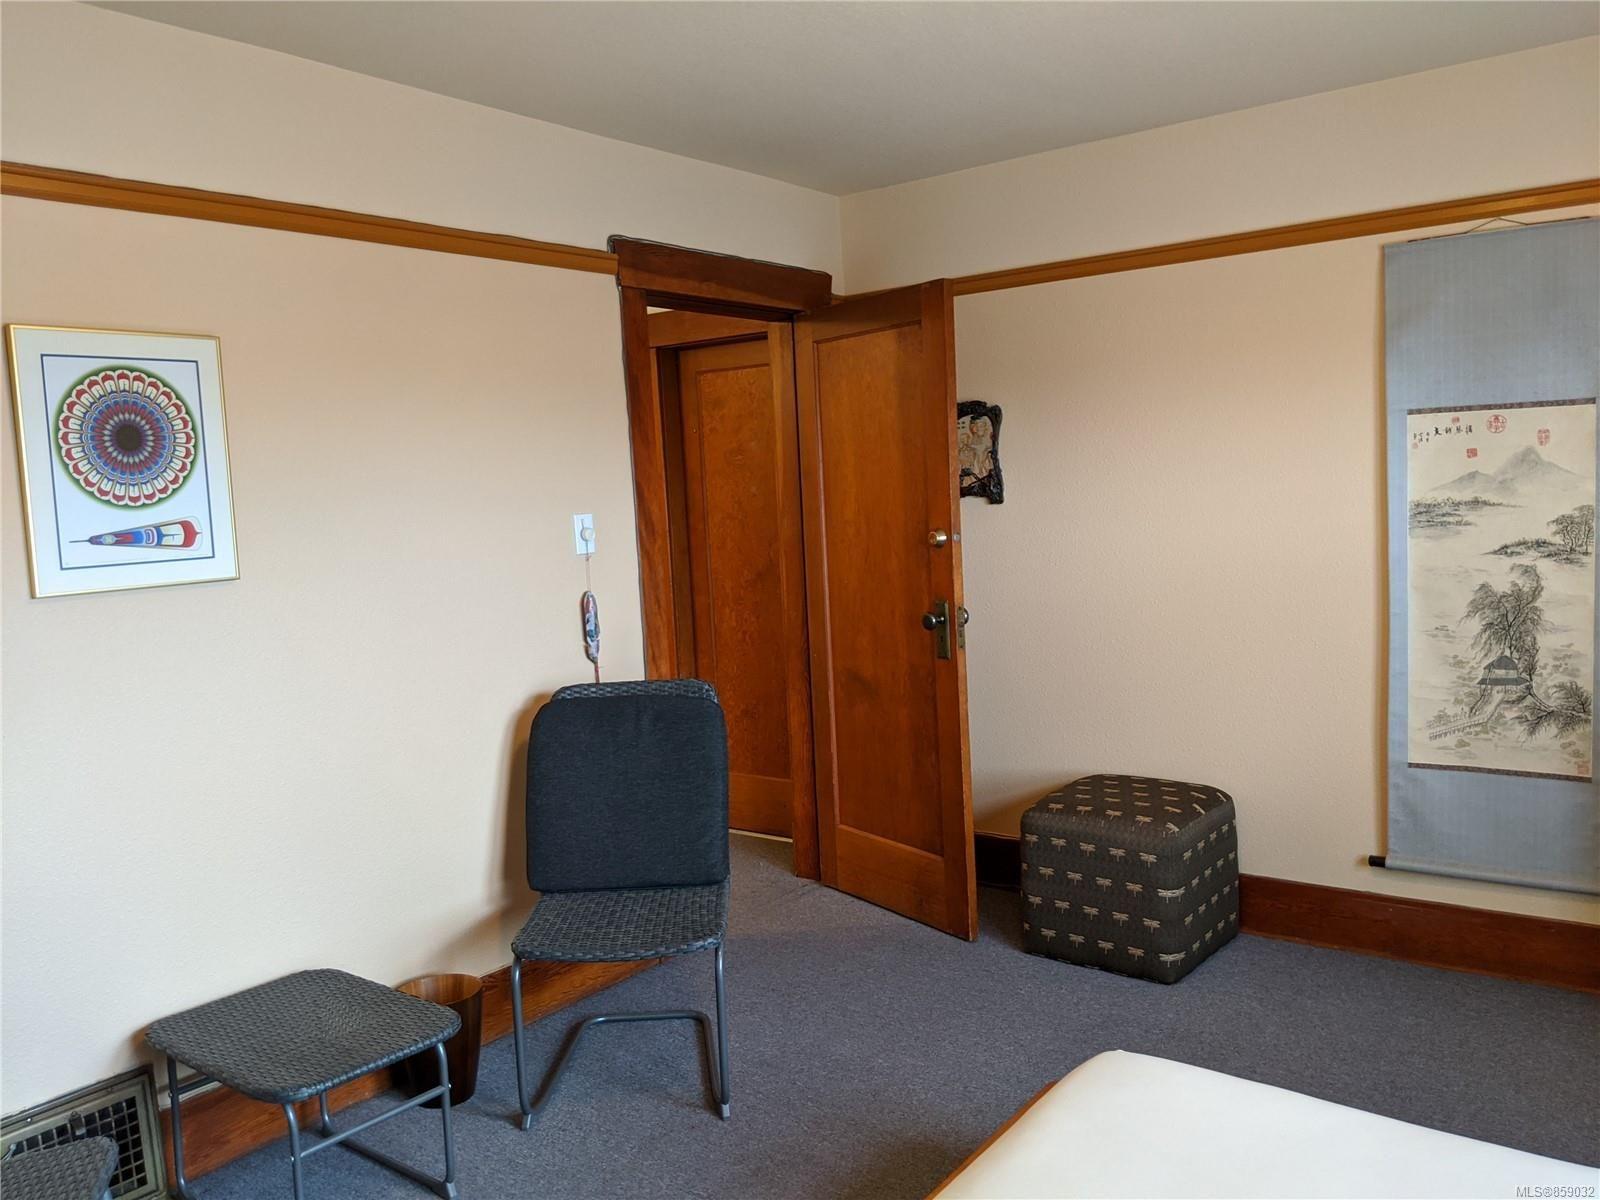 Photo 16: Photos: 331 St. Julian St in : Du West Duncan Office for sale (Duncan)  : MLS®# 859032